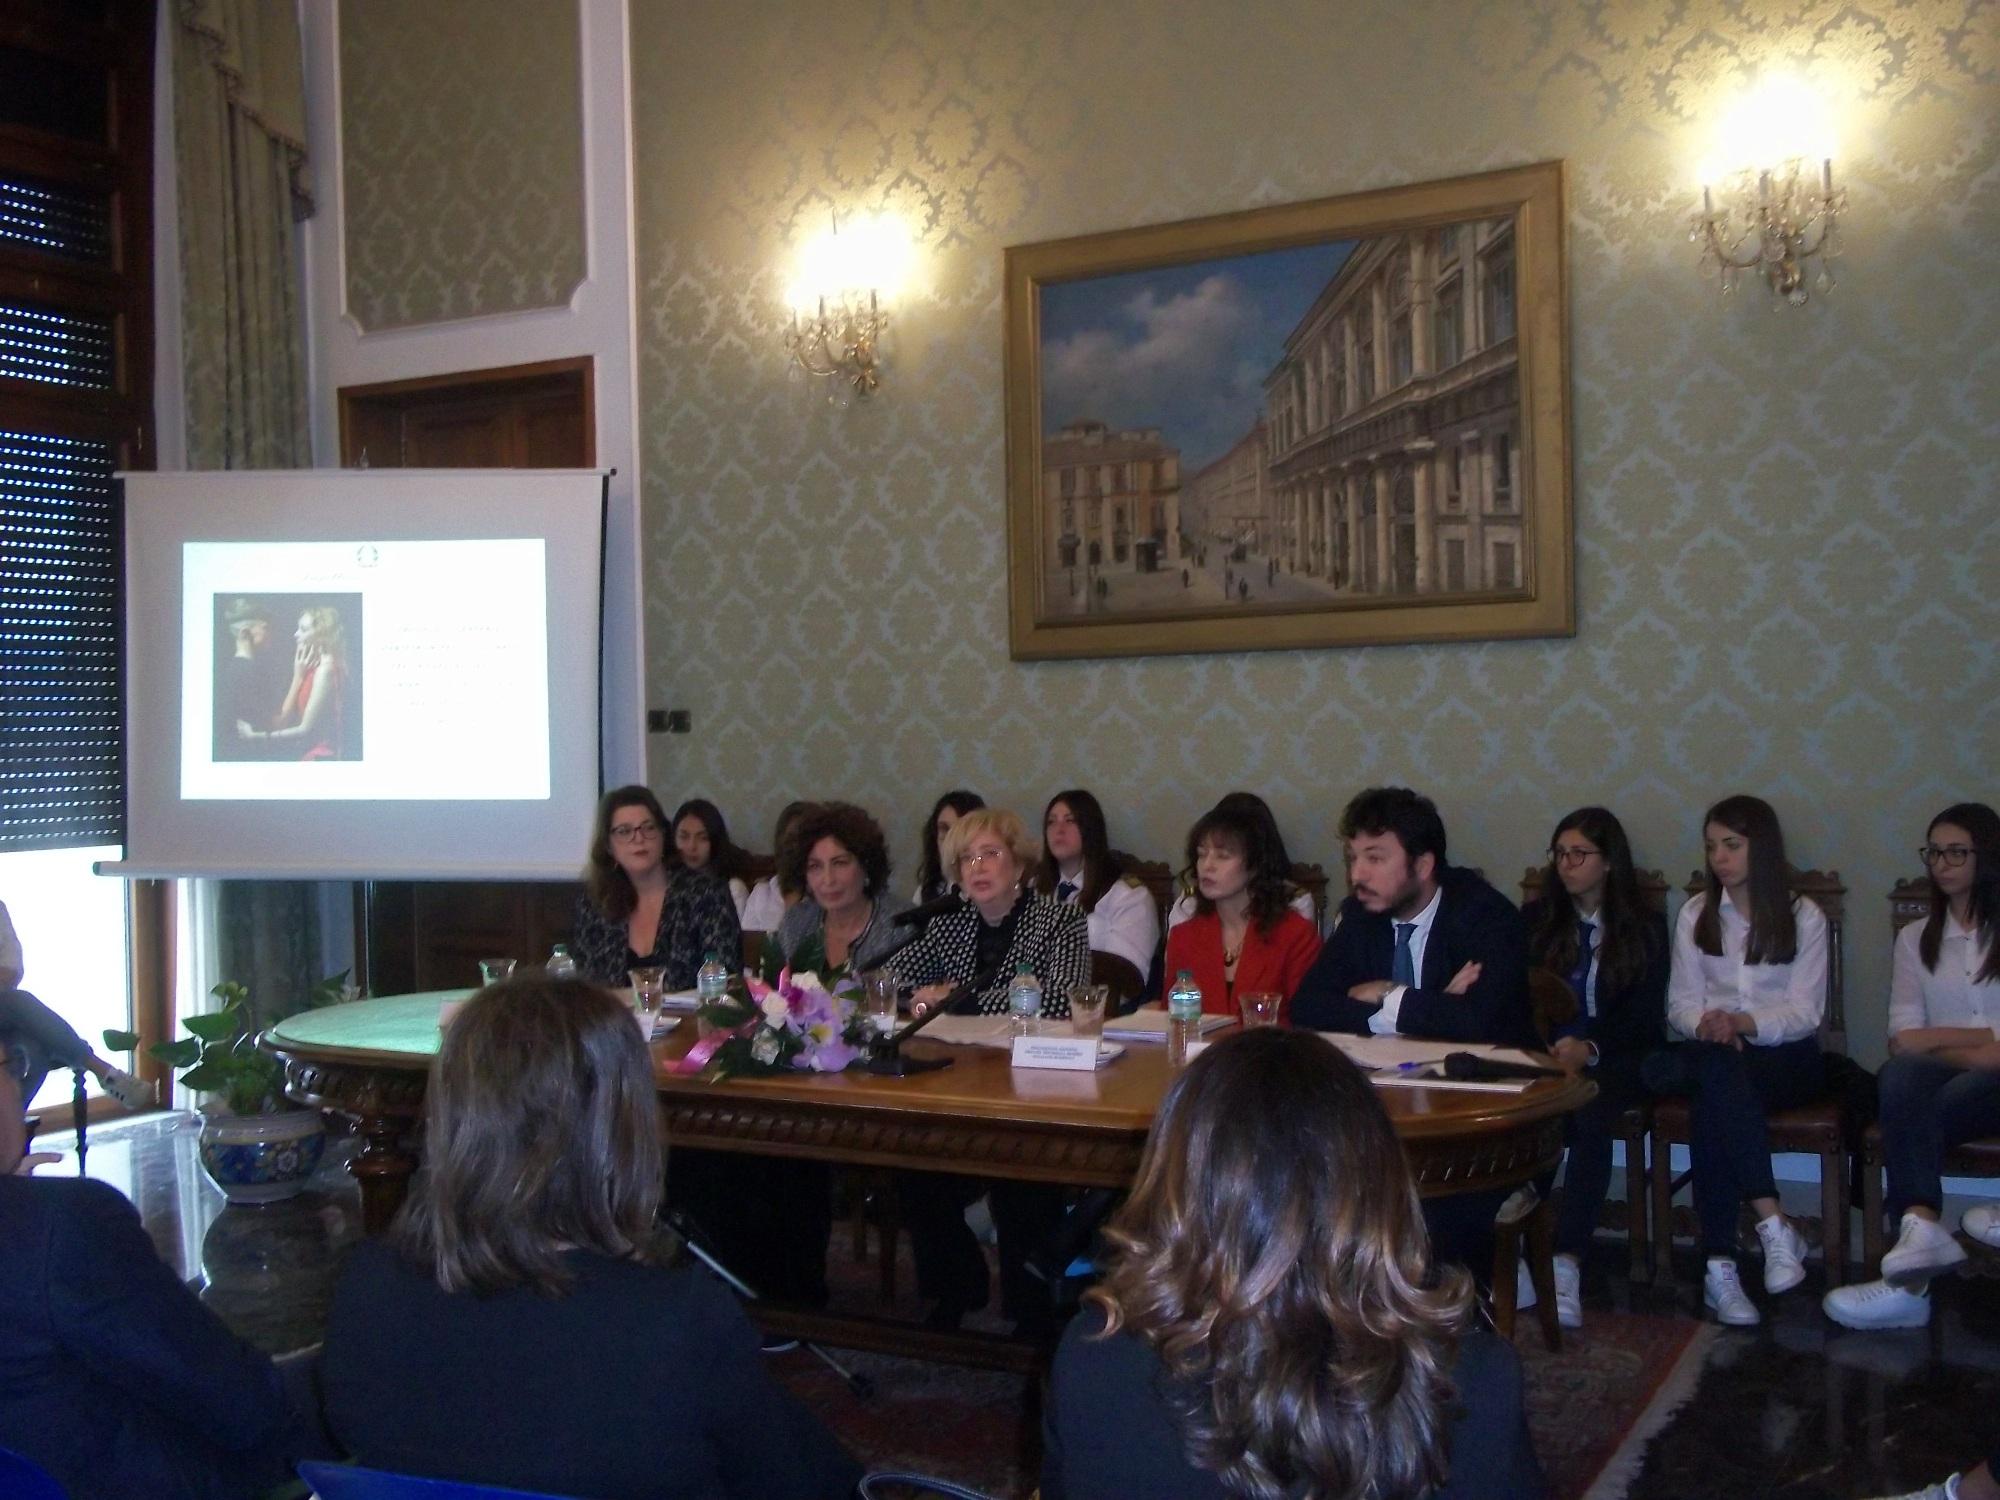 """""""Protocollo Interistituzionale per prevenzione e contrasto violenza di genere nella Provincia di Messina"""", siglato tra Prefettura-Città Metropolitana di Messina-Istituzioni- Associazioni"""